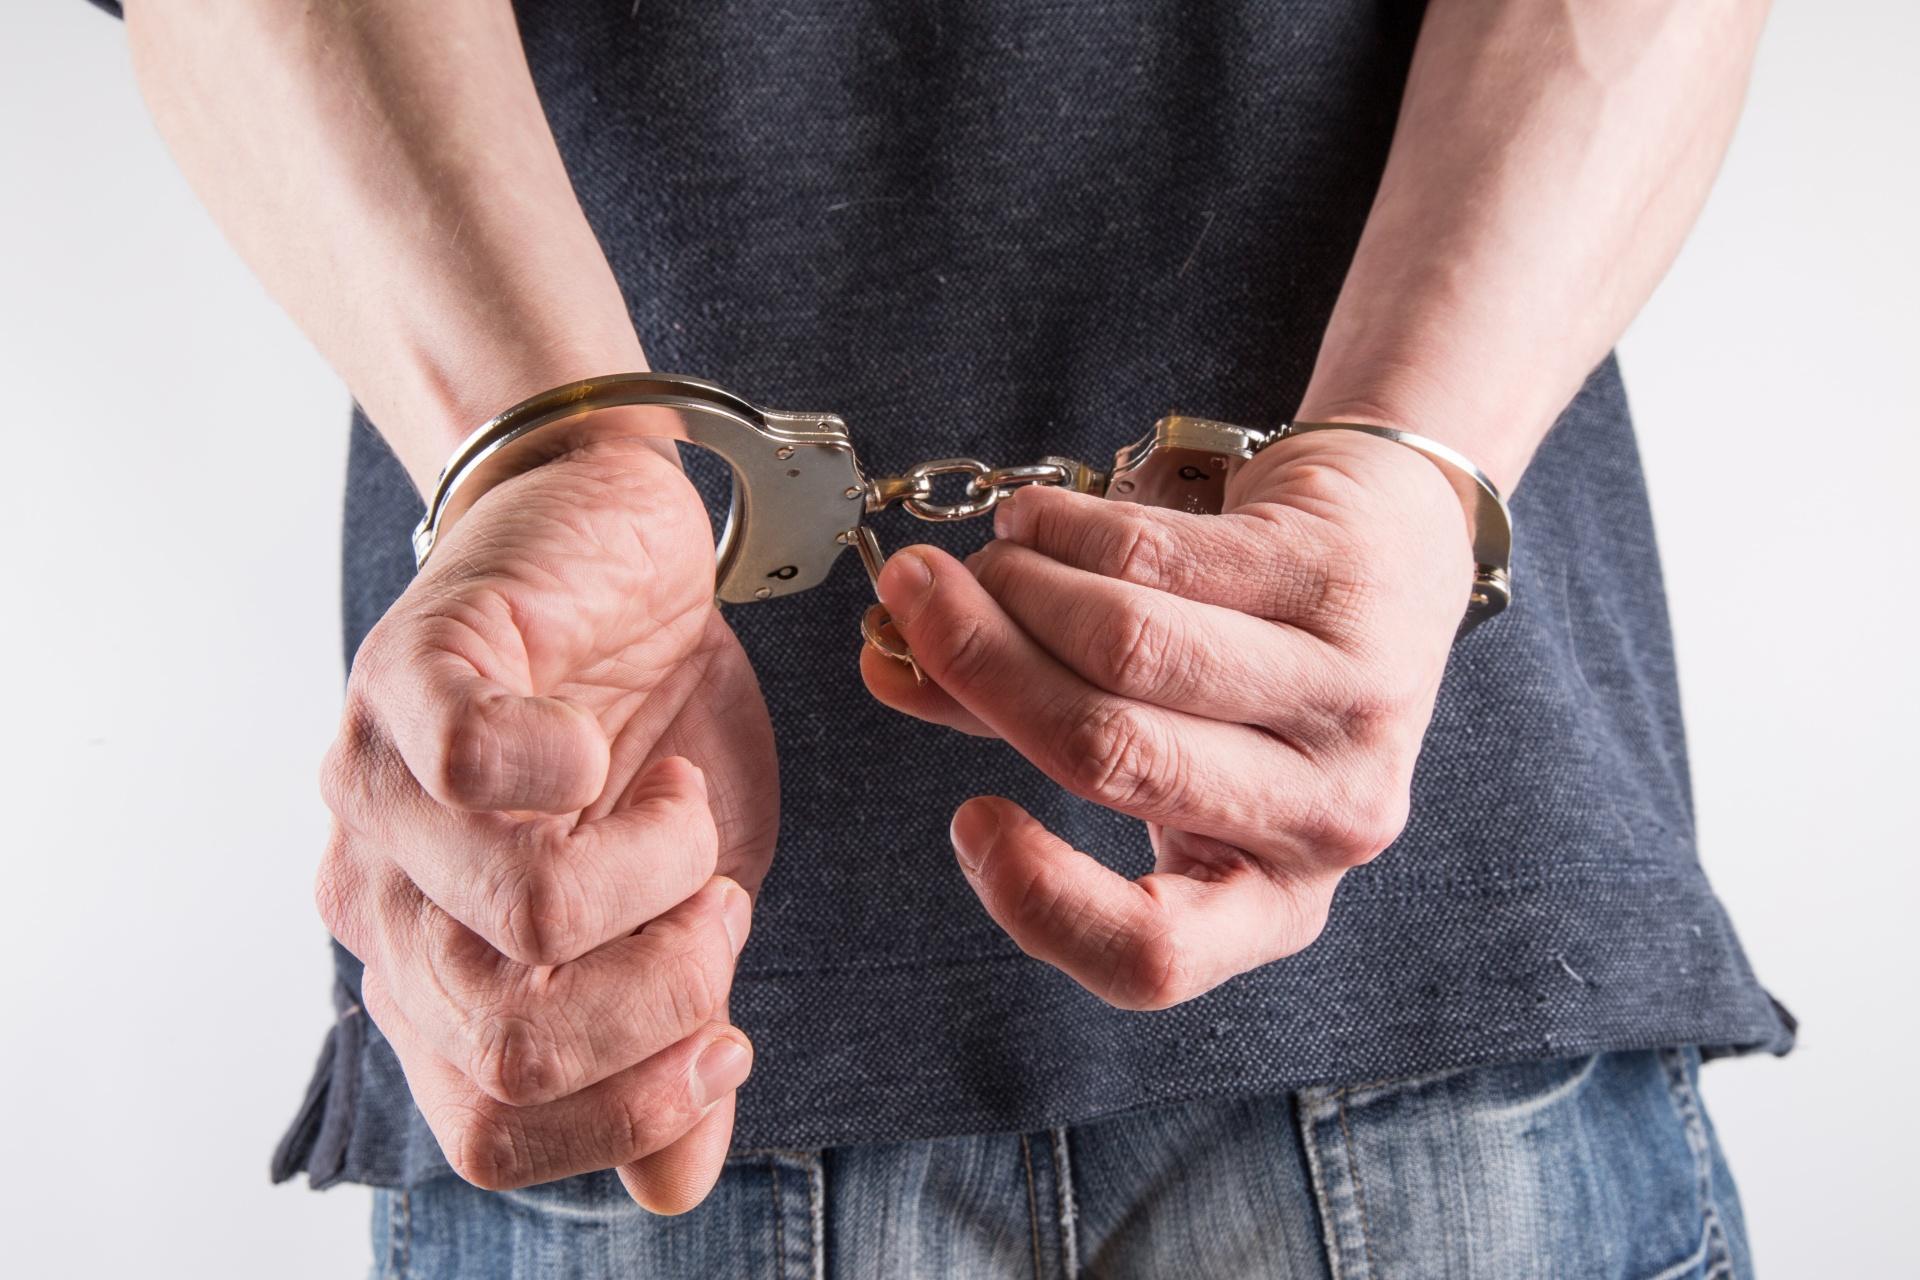 hands-in-handcuffs-1462608479r21